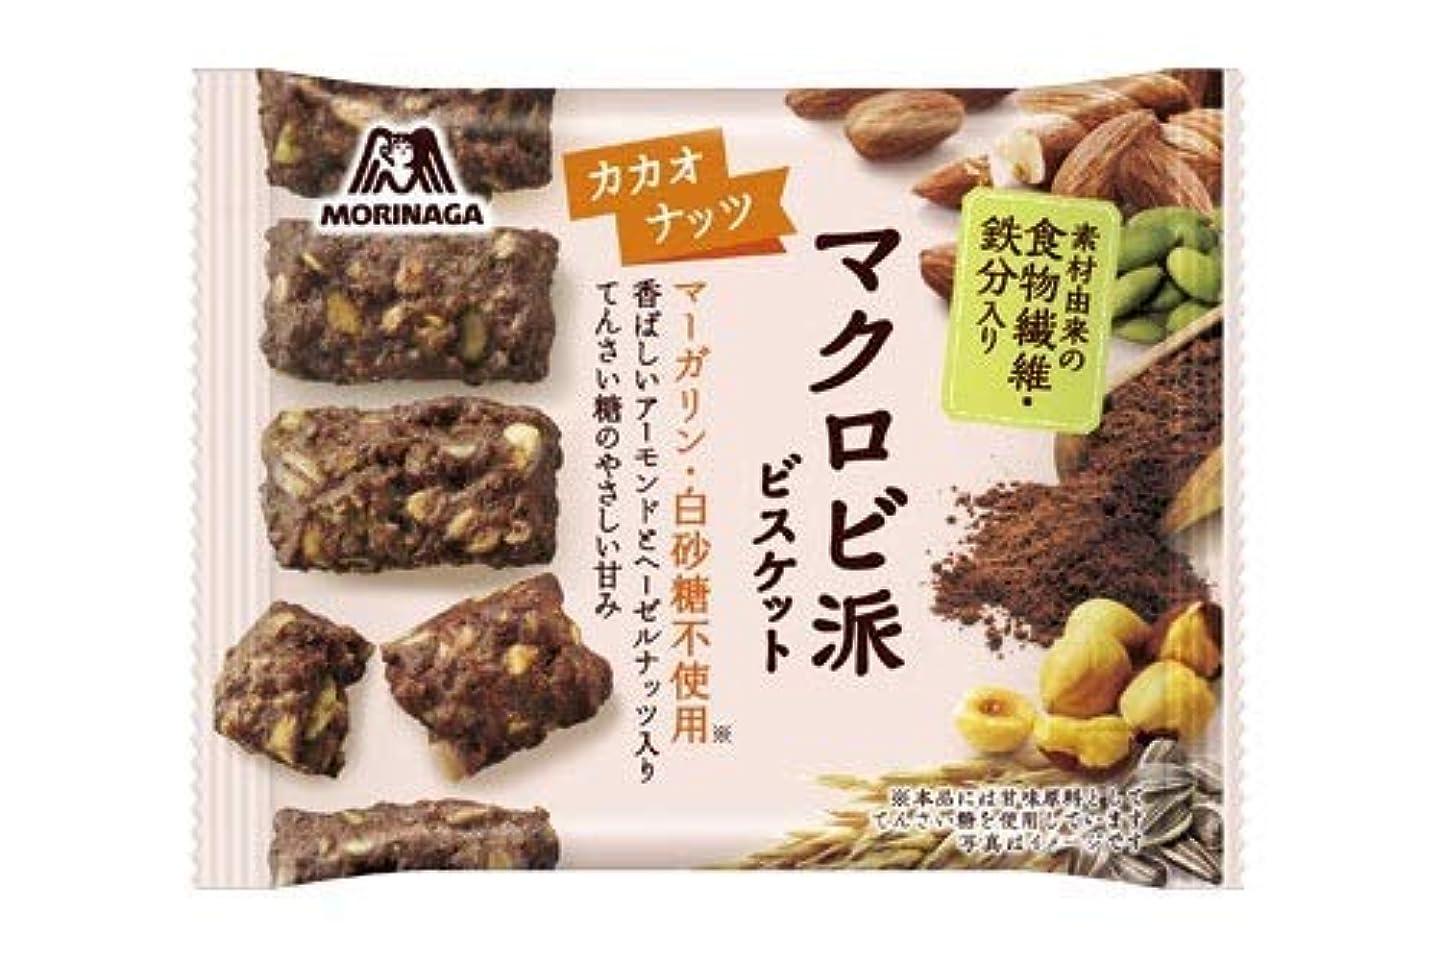 無駄に矢爬虫類森永製菓 マクロビ派ビスケット カカオナッツ 24個セット